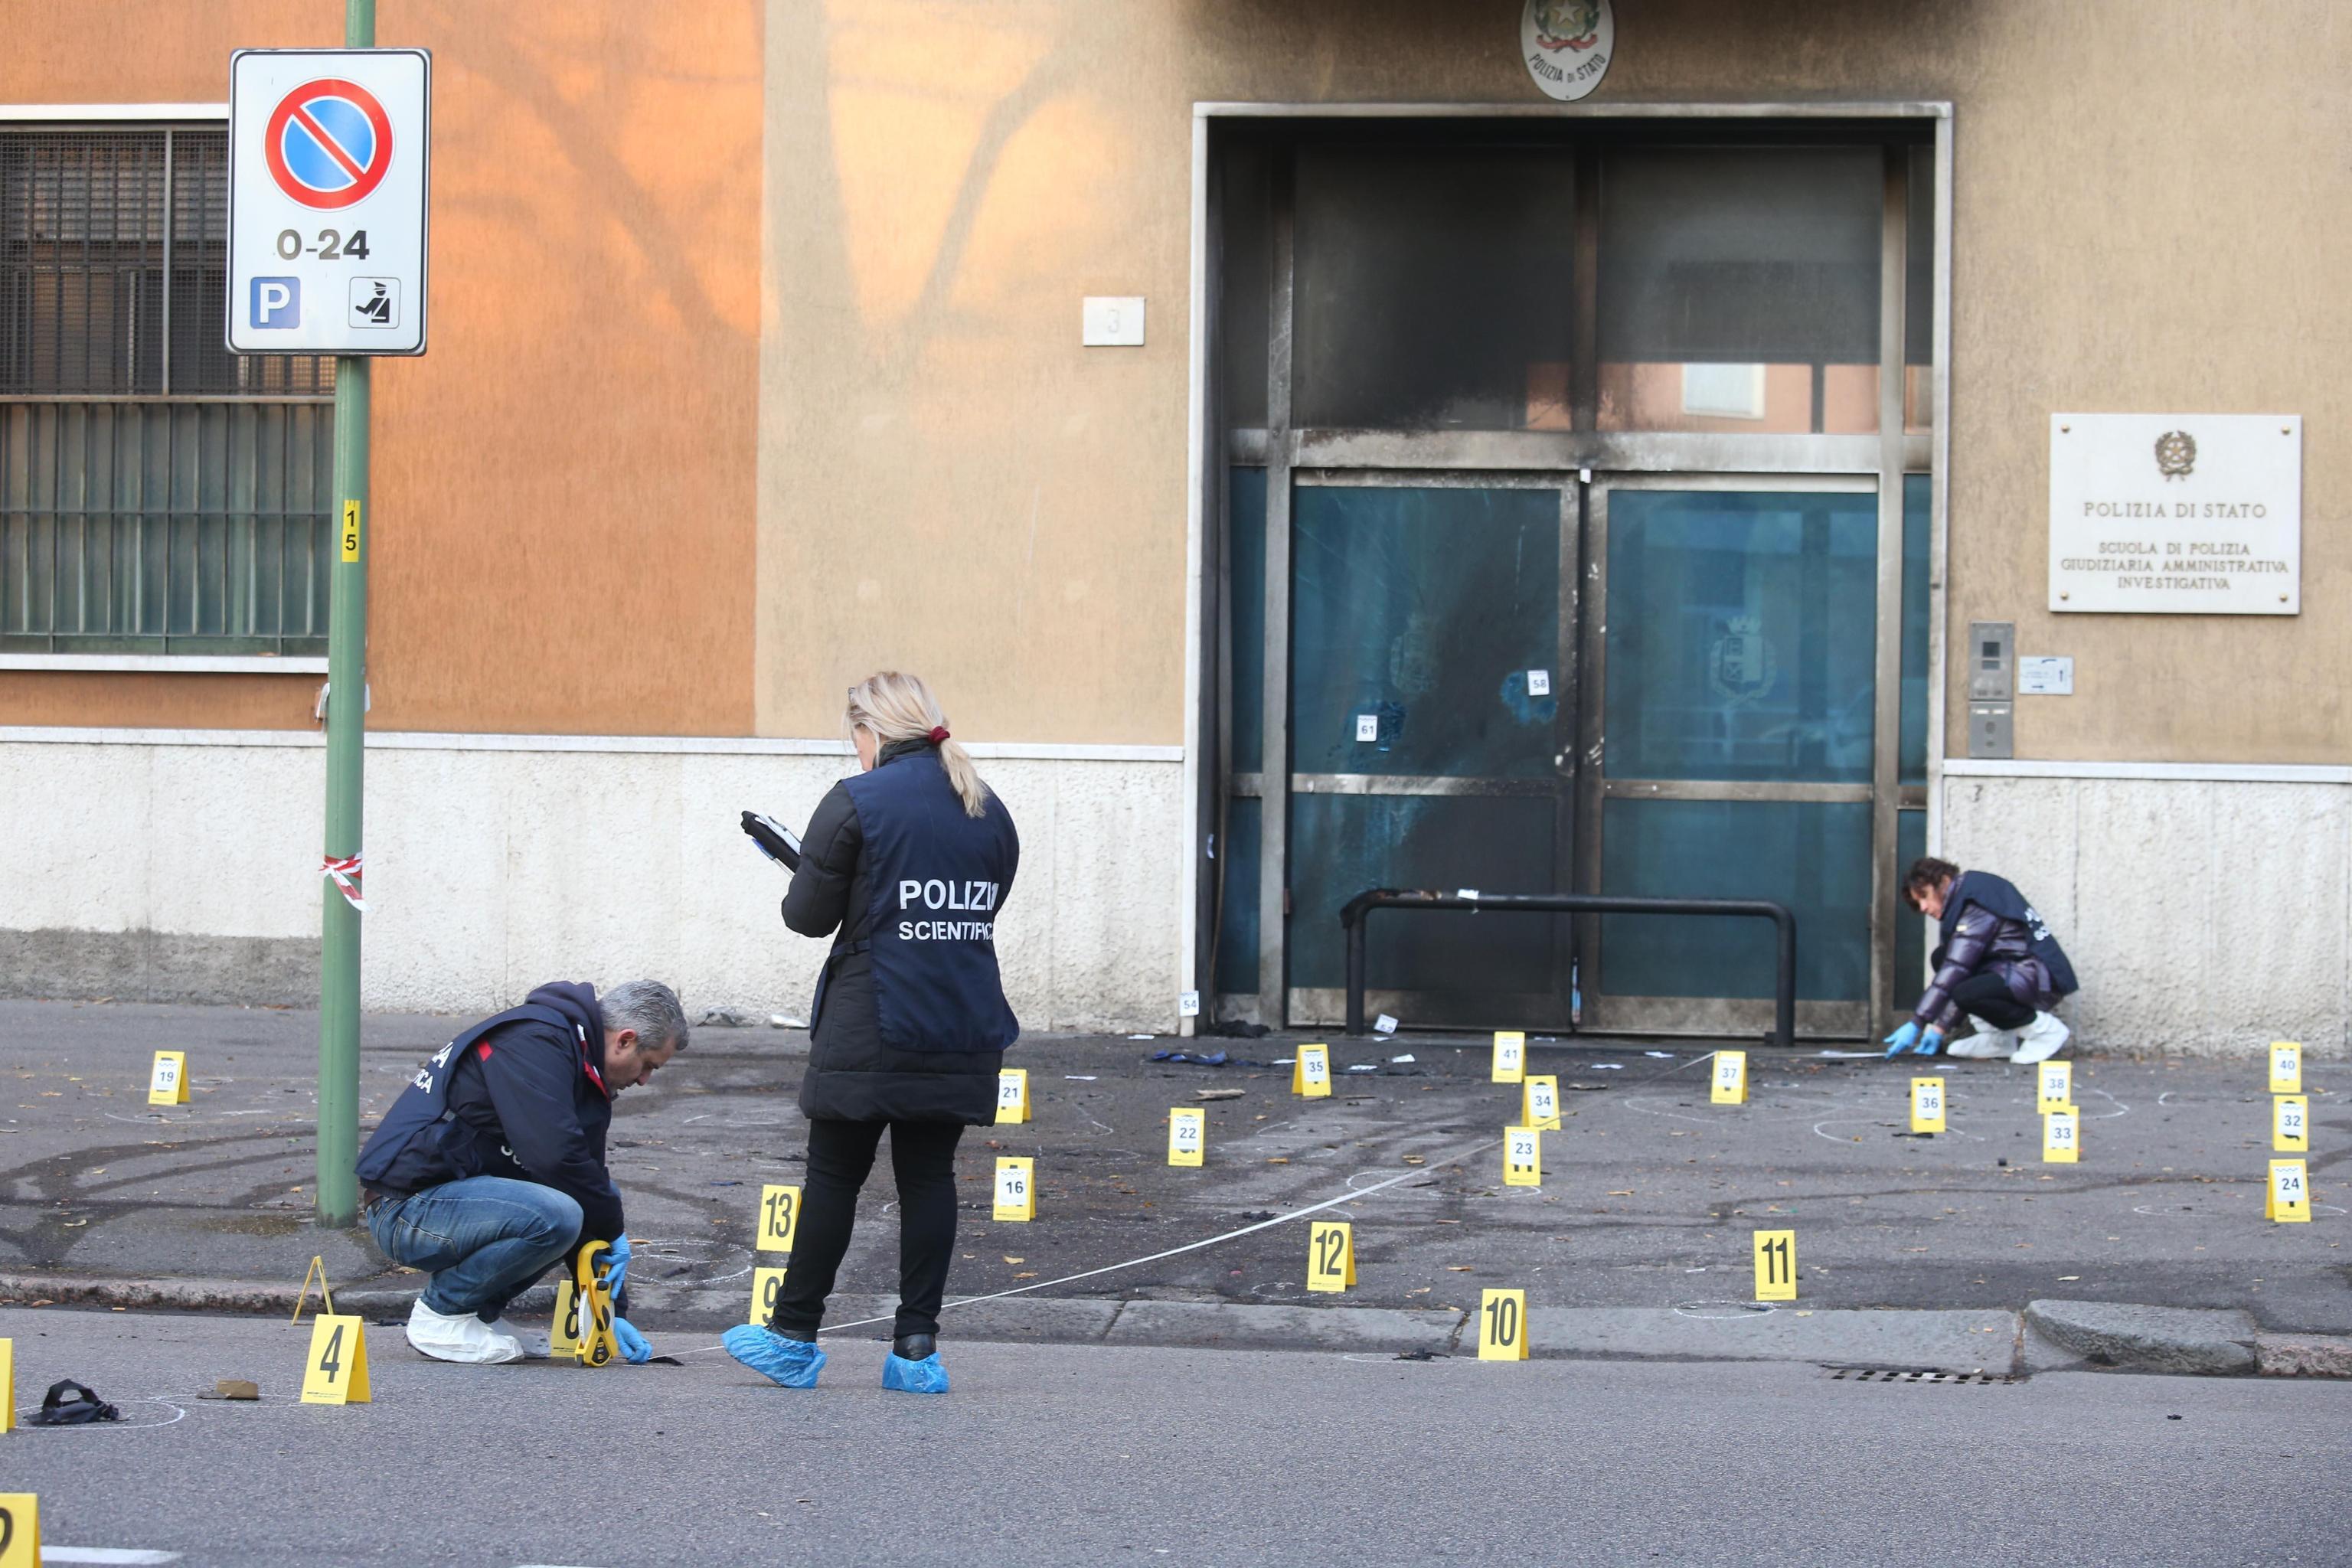 Brescia attentato alla scuola di Polizia indagini a tutto campo Secolo d Italia